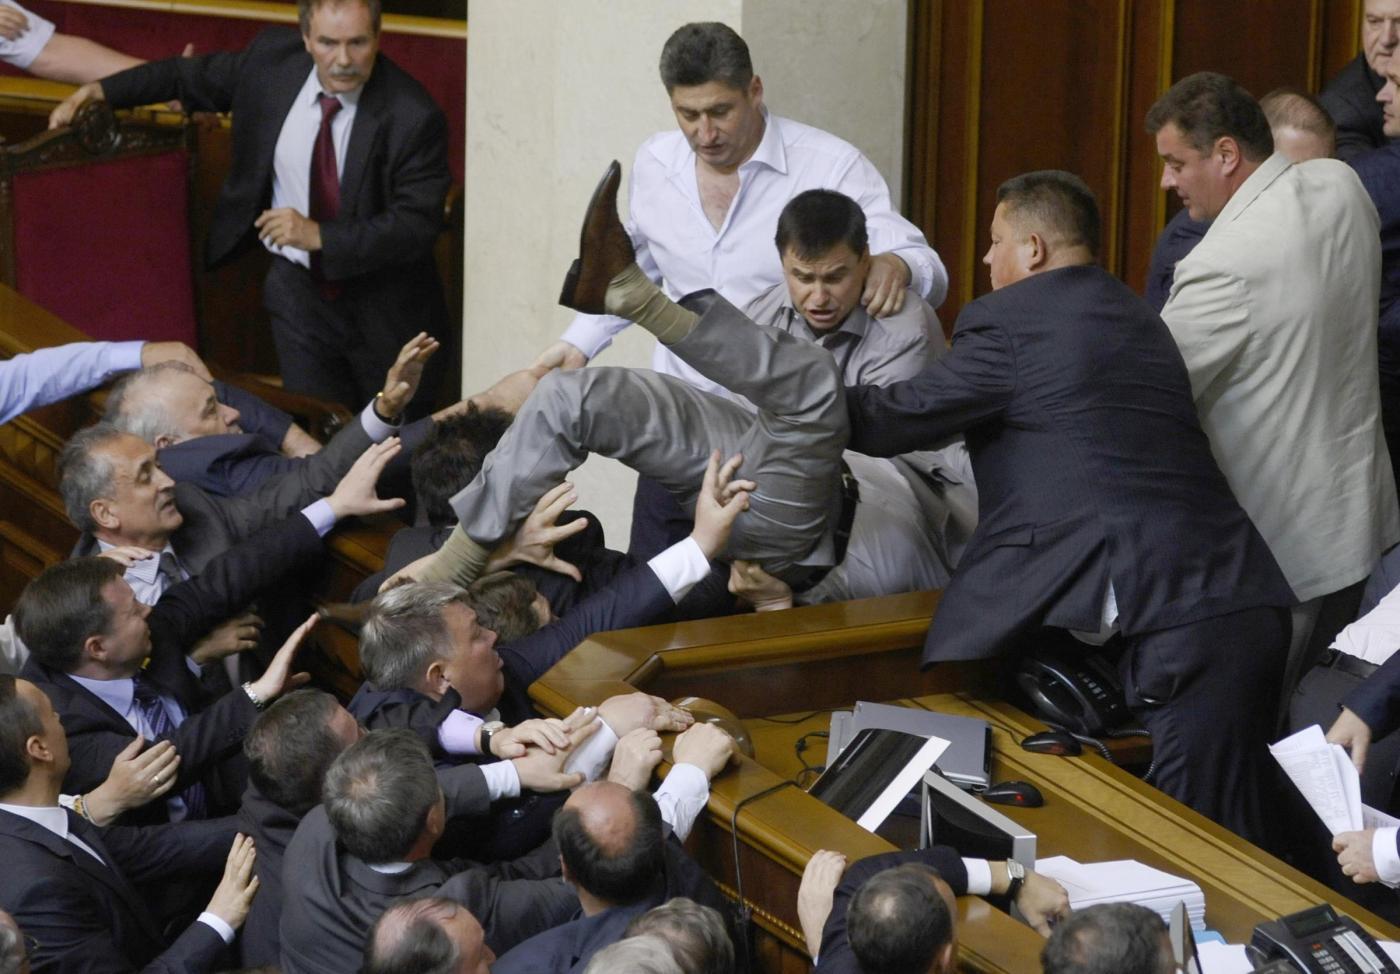 Botte da orbi al parlamento ucraino un deputato ferito for Camera dei deputati tv